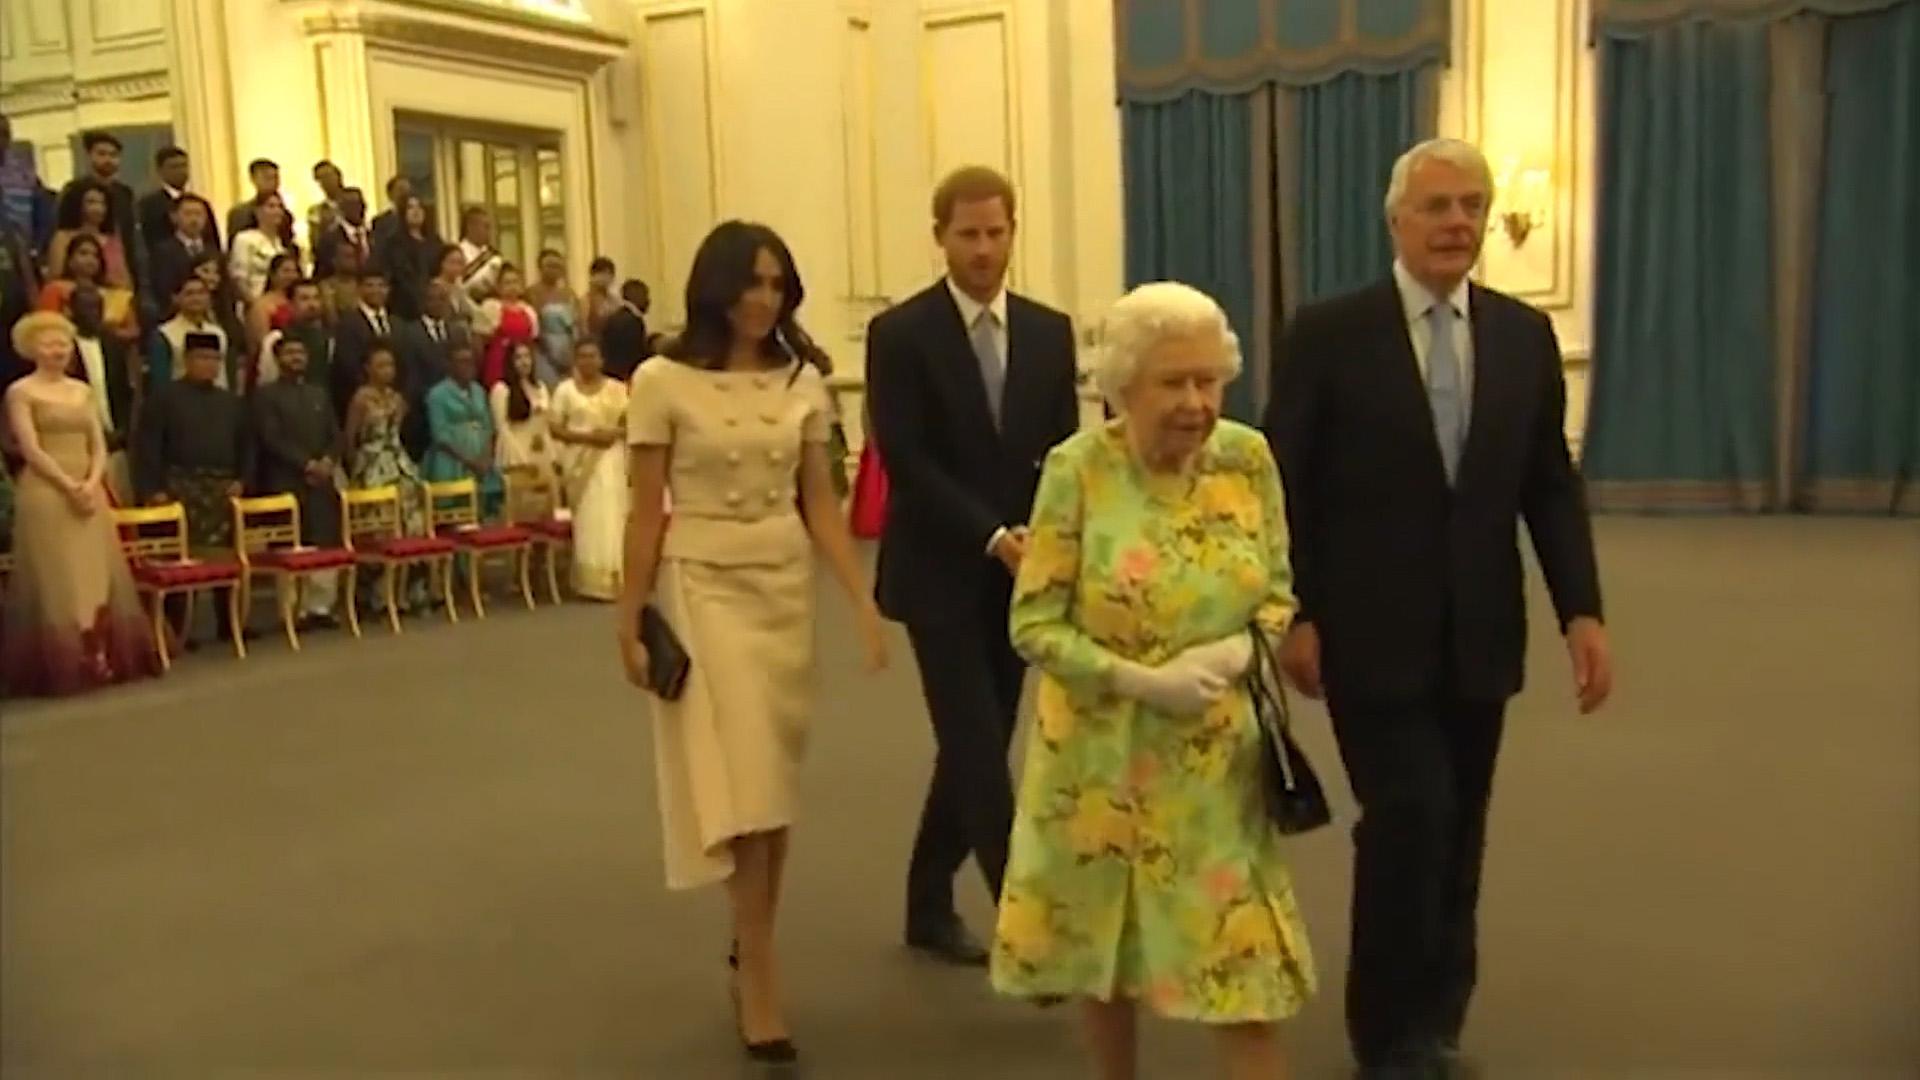 Hace algunos días se viralizó un video donde se ve al príncipe Harry rechazando un gesto cariñoso de su esposa. Todo ocurrió mientras la pareja real asistía a un evento público en compañía de la reina Isabel de Inglaterra